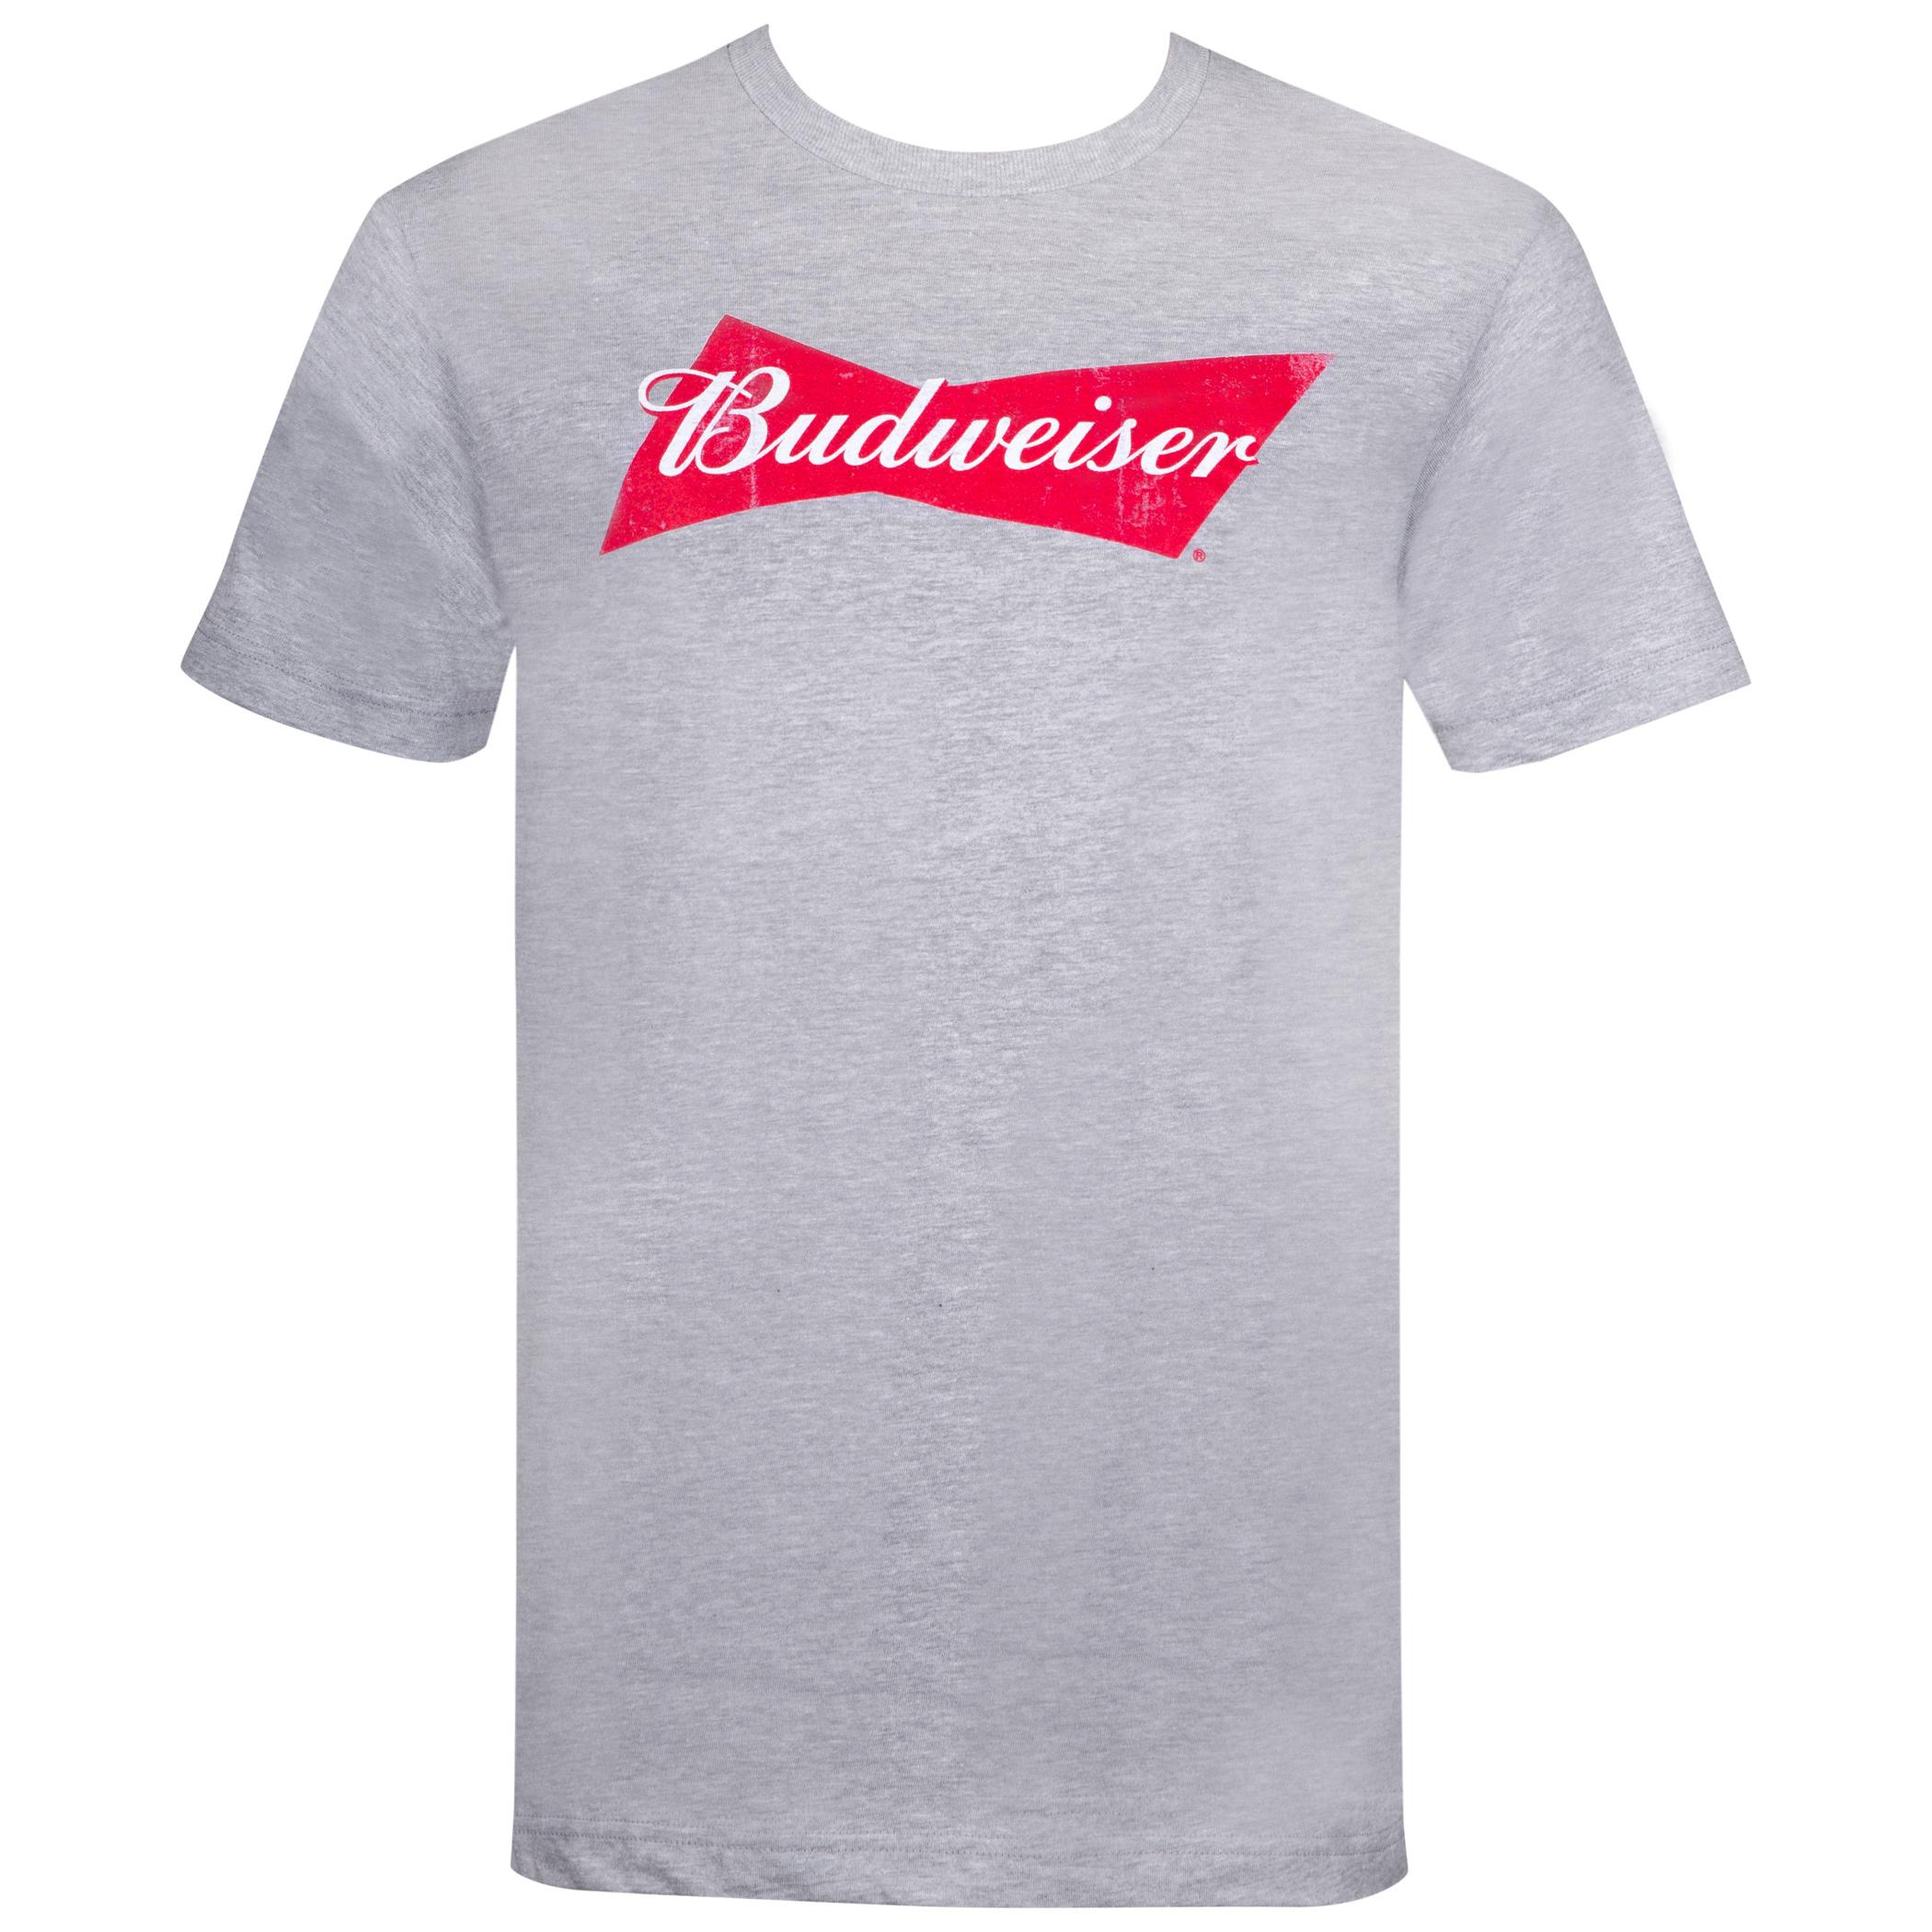 Budweiser Classic Bow Tie Logo Grey Tshirt